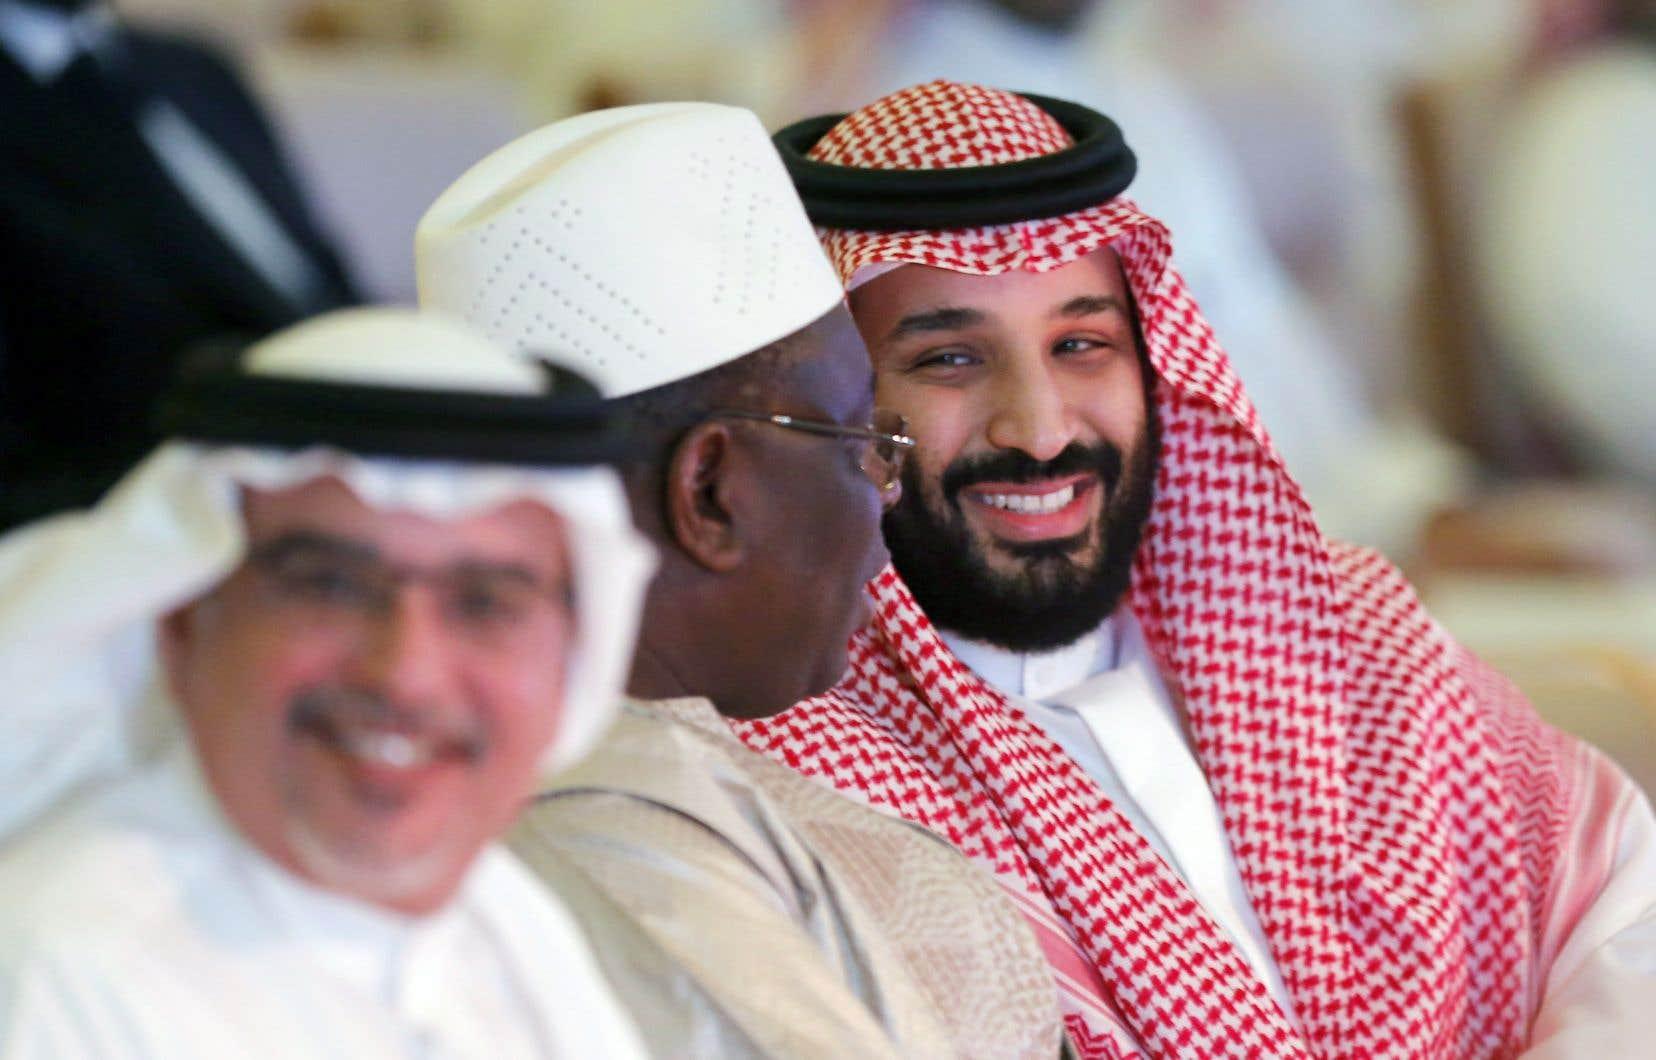 Le prince héritier de l'Arabie saoudite, Mohammed ben Salmane, fils du roi Salmane et membre de la dynastie des Saoud. Il était en compagnie du président du Sénégal, Macky Sall (au centre), lors d'un forum annuel se tenant à Riyad en octobre dernier.